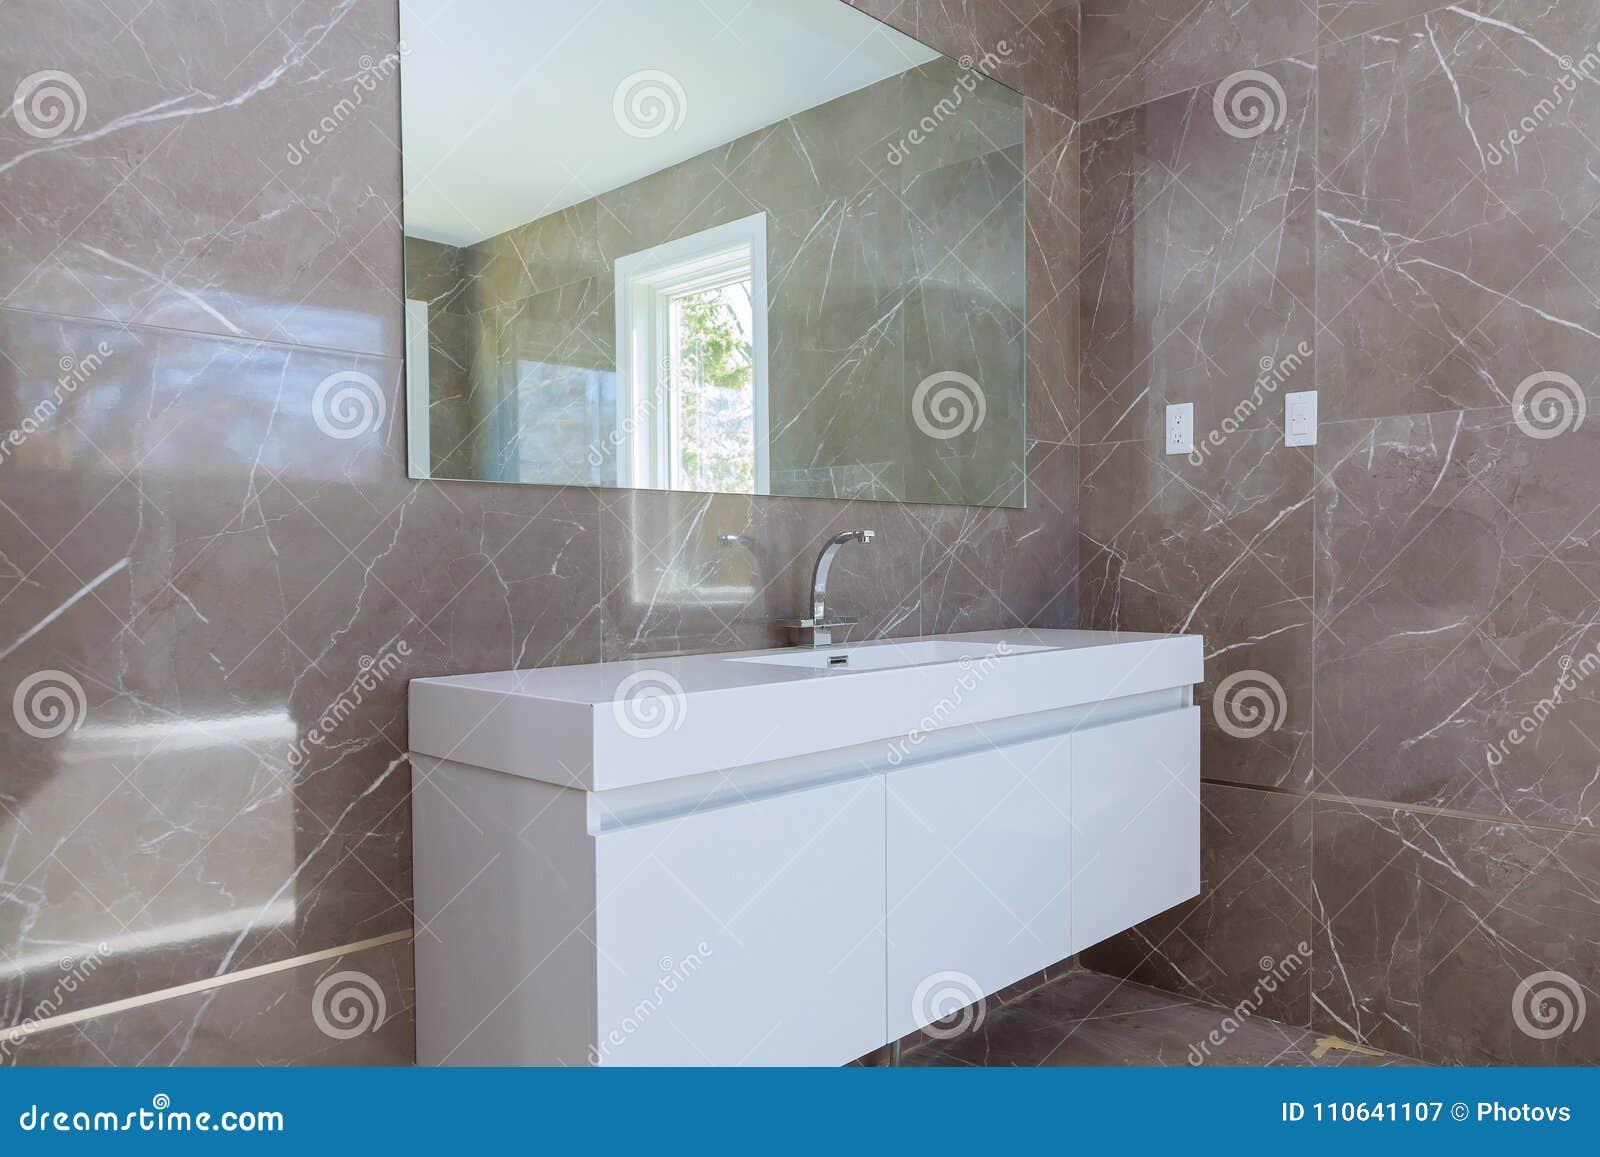 Espejos Y Lavabos En Diseño Interior Del Lavabo De Un Diseño ...